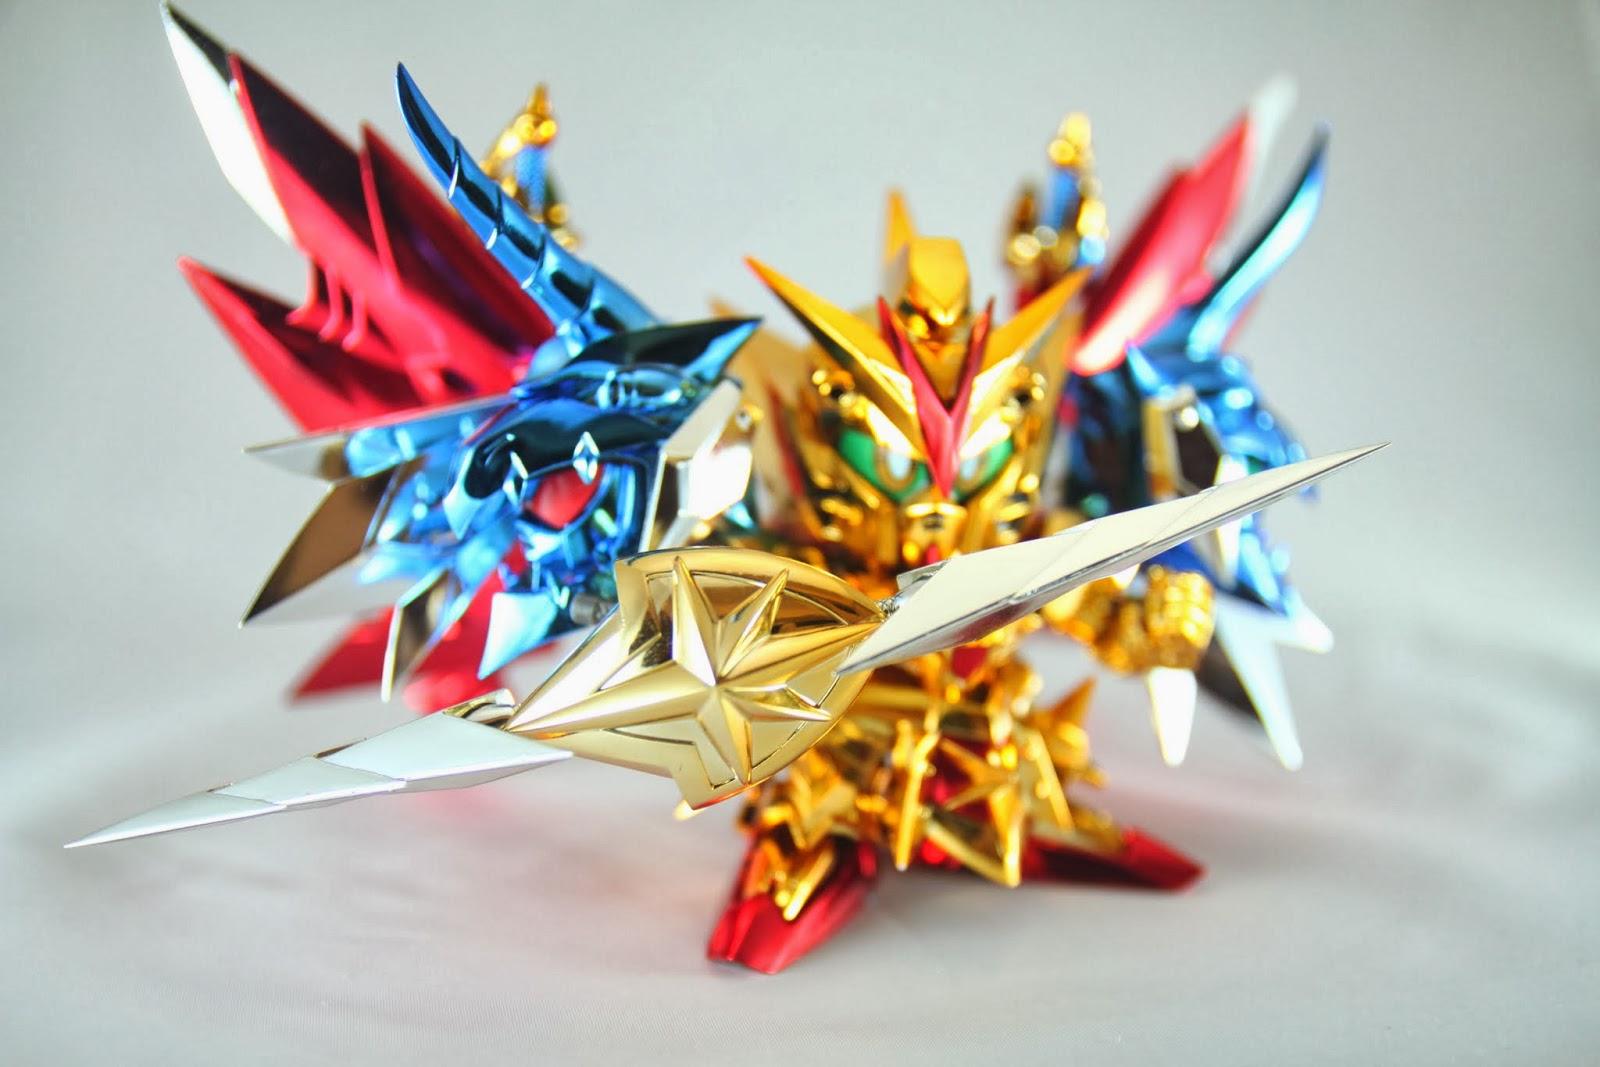 武器還蠻多樣化的 但跟原始的スペリオルドラゴン差不多類型